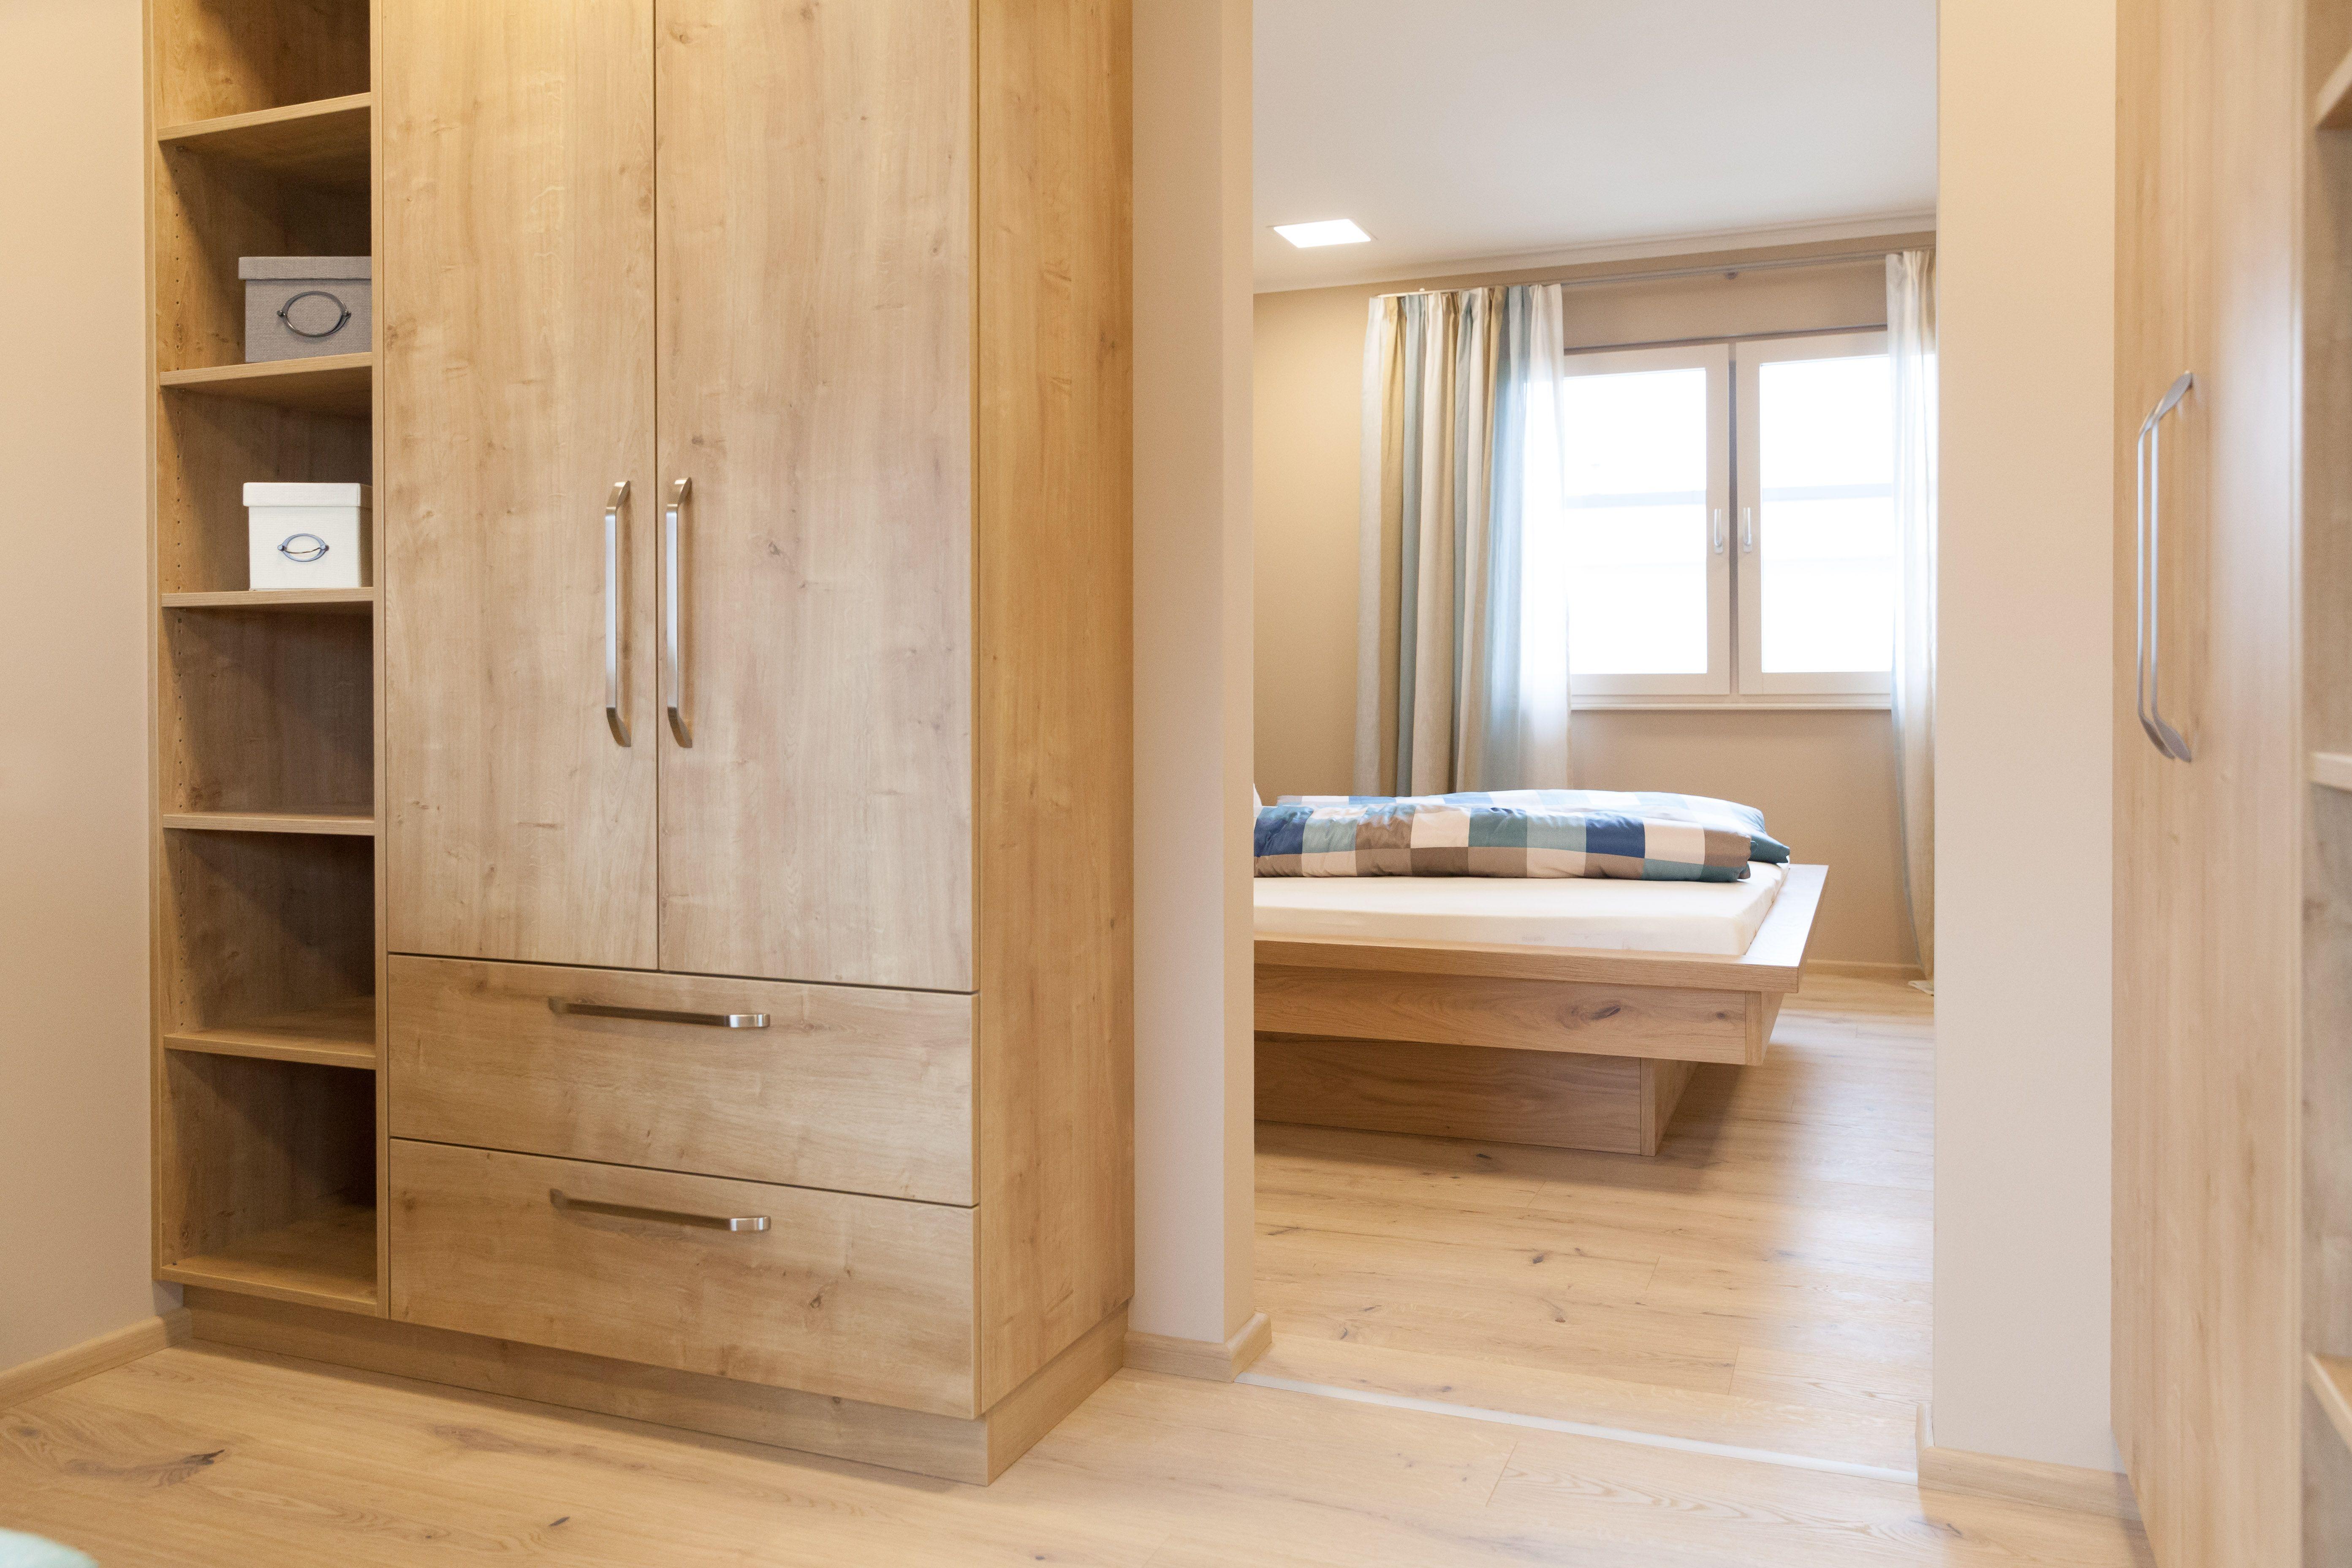 begehbarer Kleiderschrank direkt am Schlafzimmer im Trend 157 W im Musterhauspark Haid ...